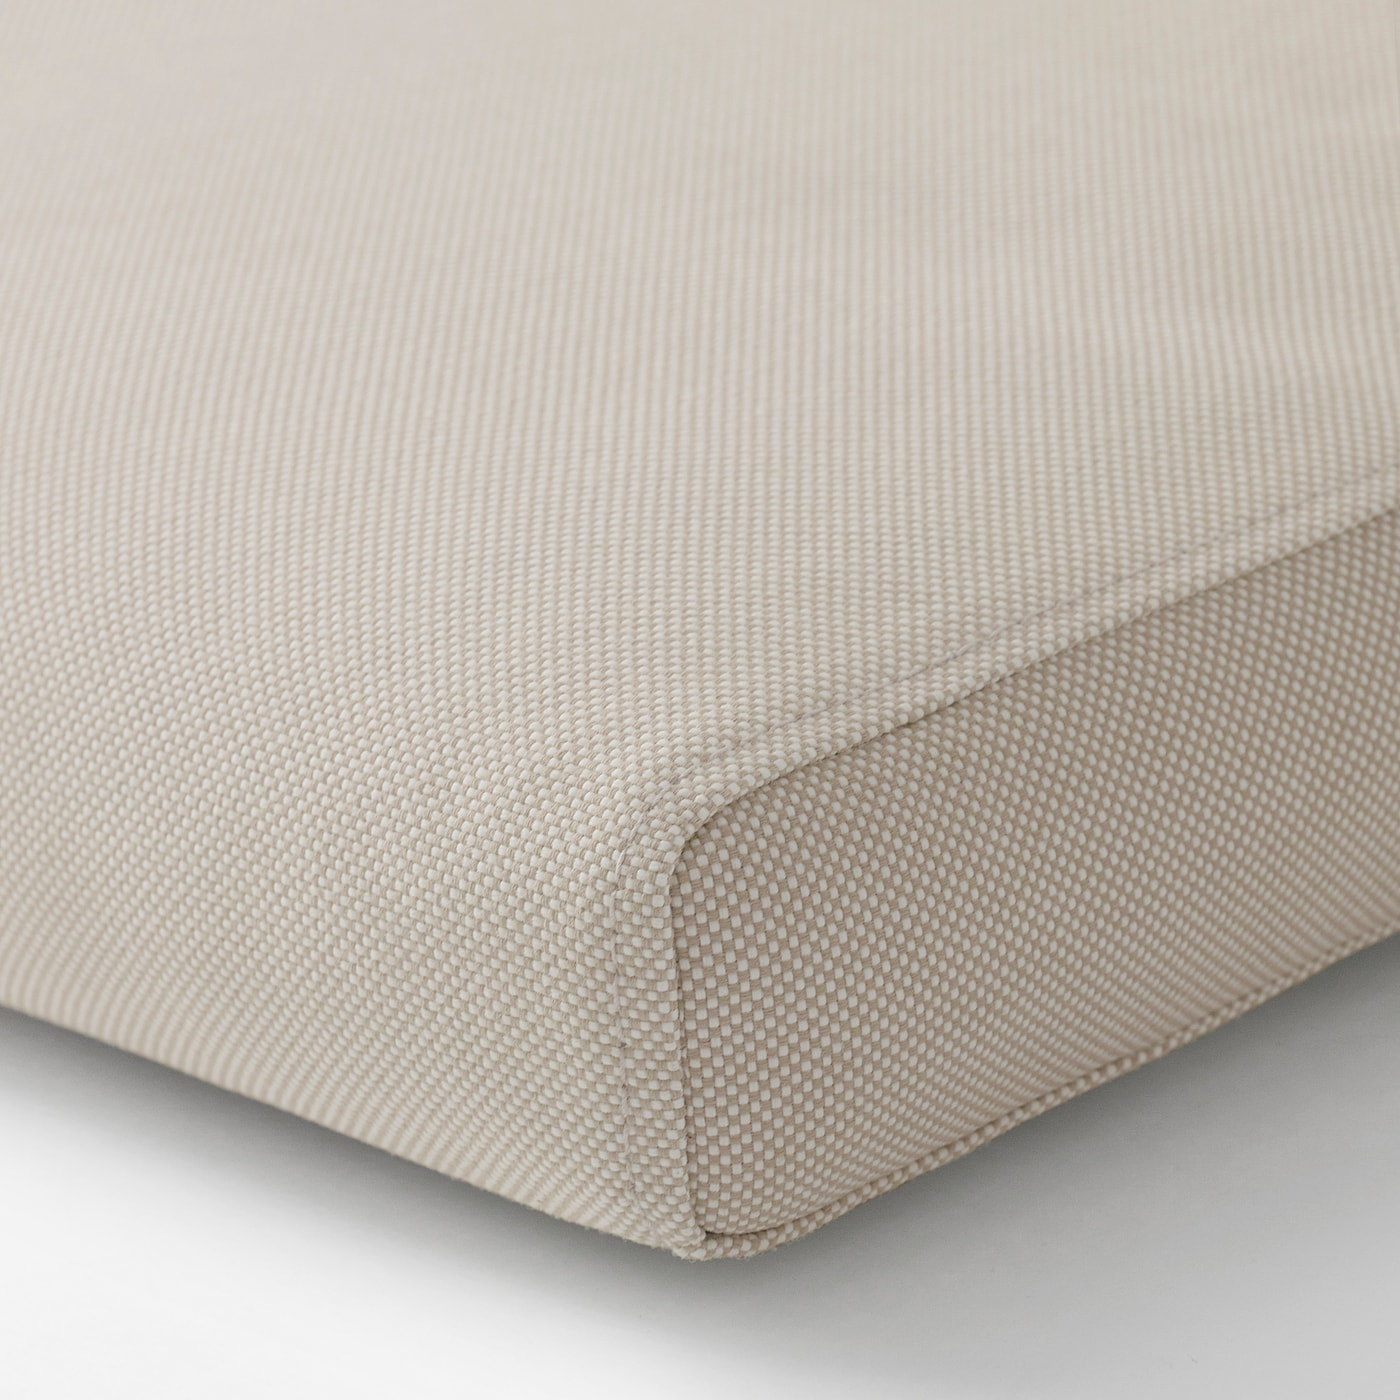 FRÖSÖN/DUVHOLMEN Jastučić za stolicu,spolja, bež, 50x50 cm